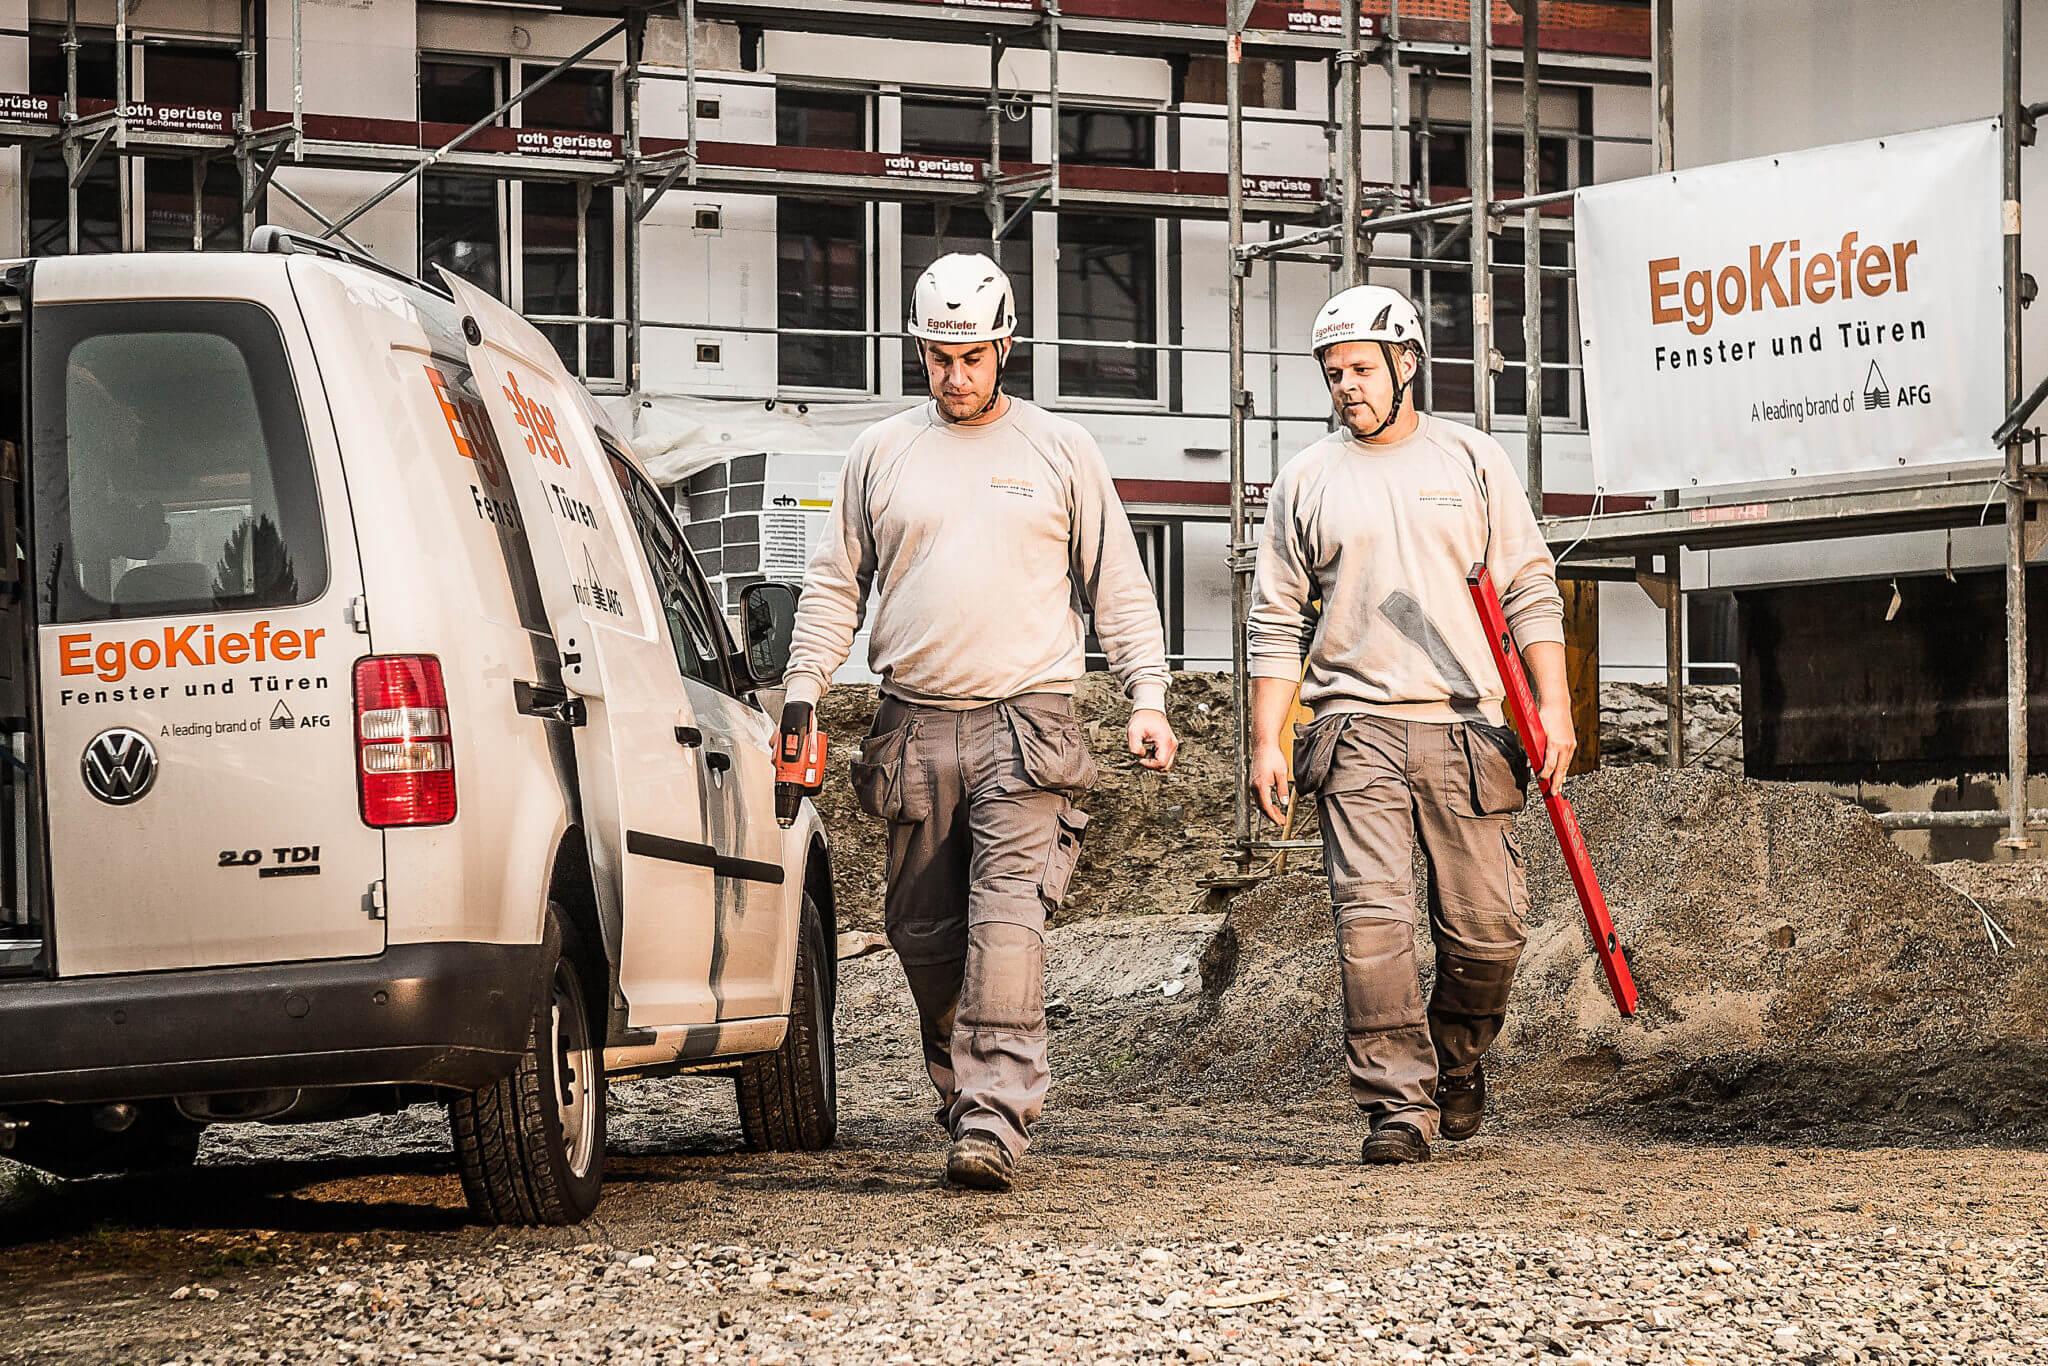 Die Fotografie zeigt Bauarbeiter, die mit Werkzeug in der Hand zum Fahrzeug gehen.